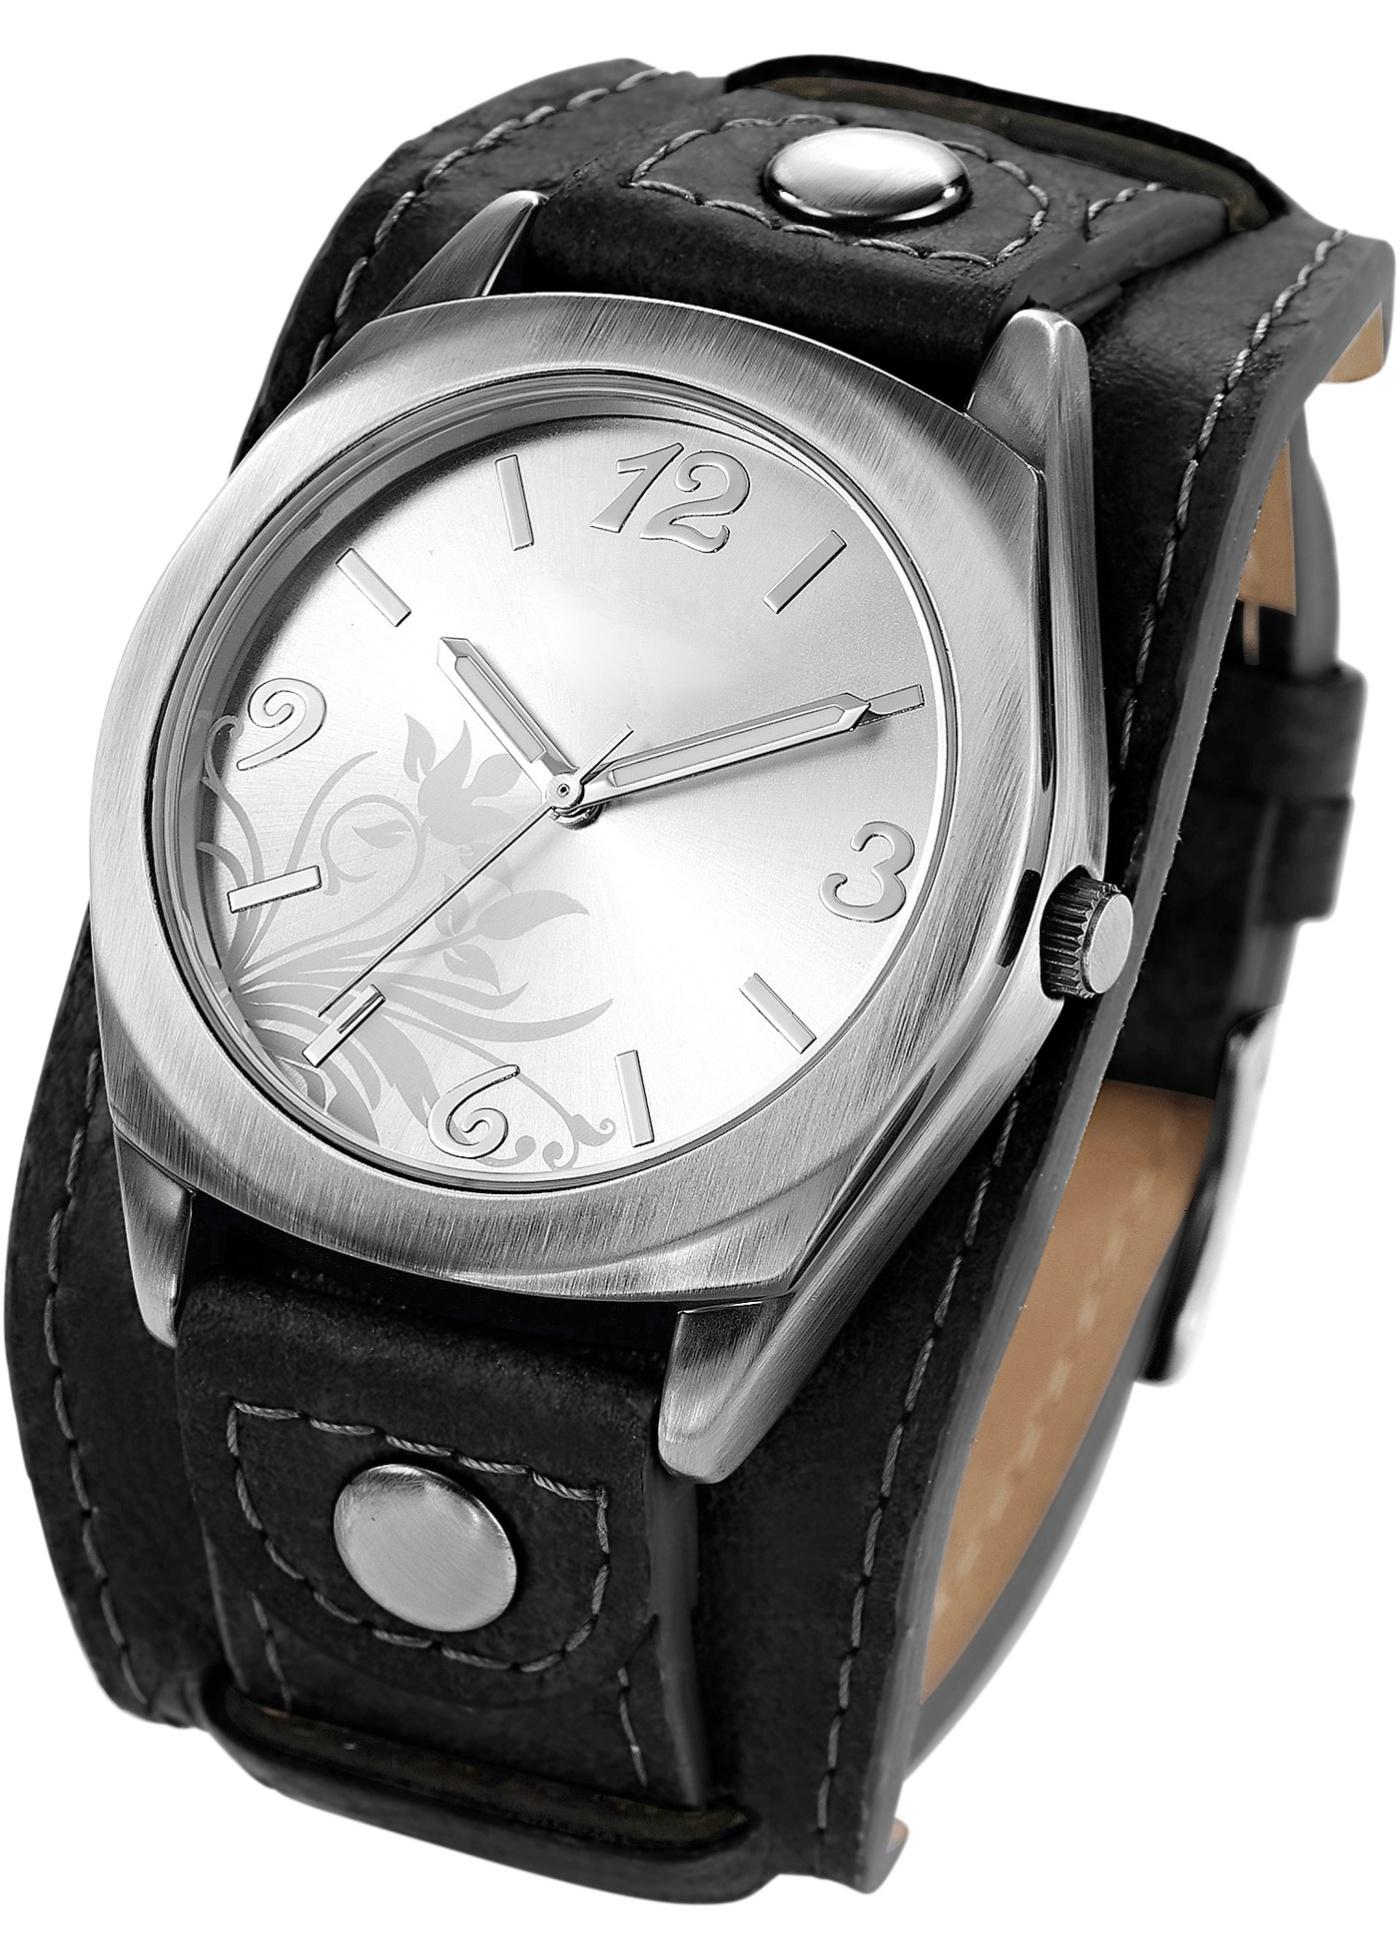 Véritable accessoire de mode, la montre Imke se compose d'un bracelet en matière synthétique imitation cuir et d'un cadran métallique féminin. Orné de fleurs et d'arabesques, le cadran est également doté de trois aiguilles. Idéale pour compléter une tenue